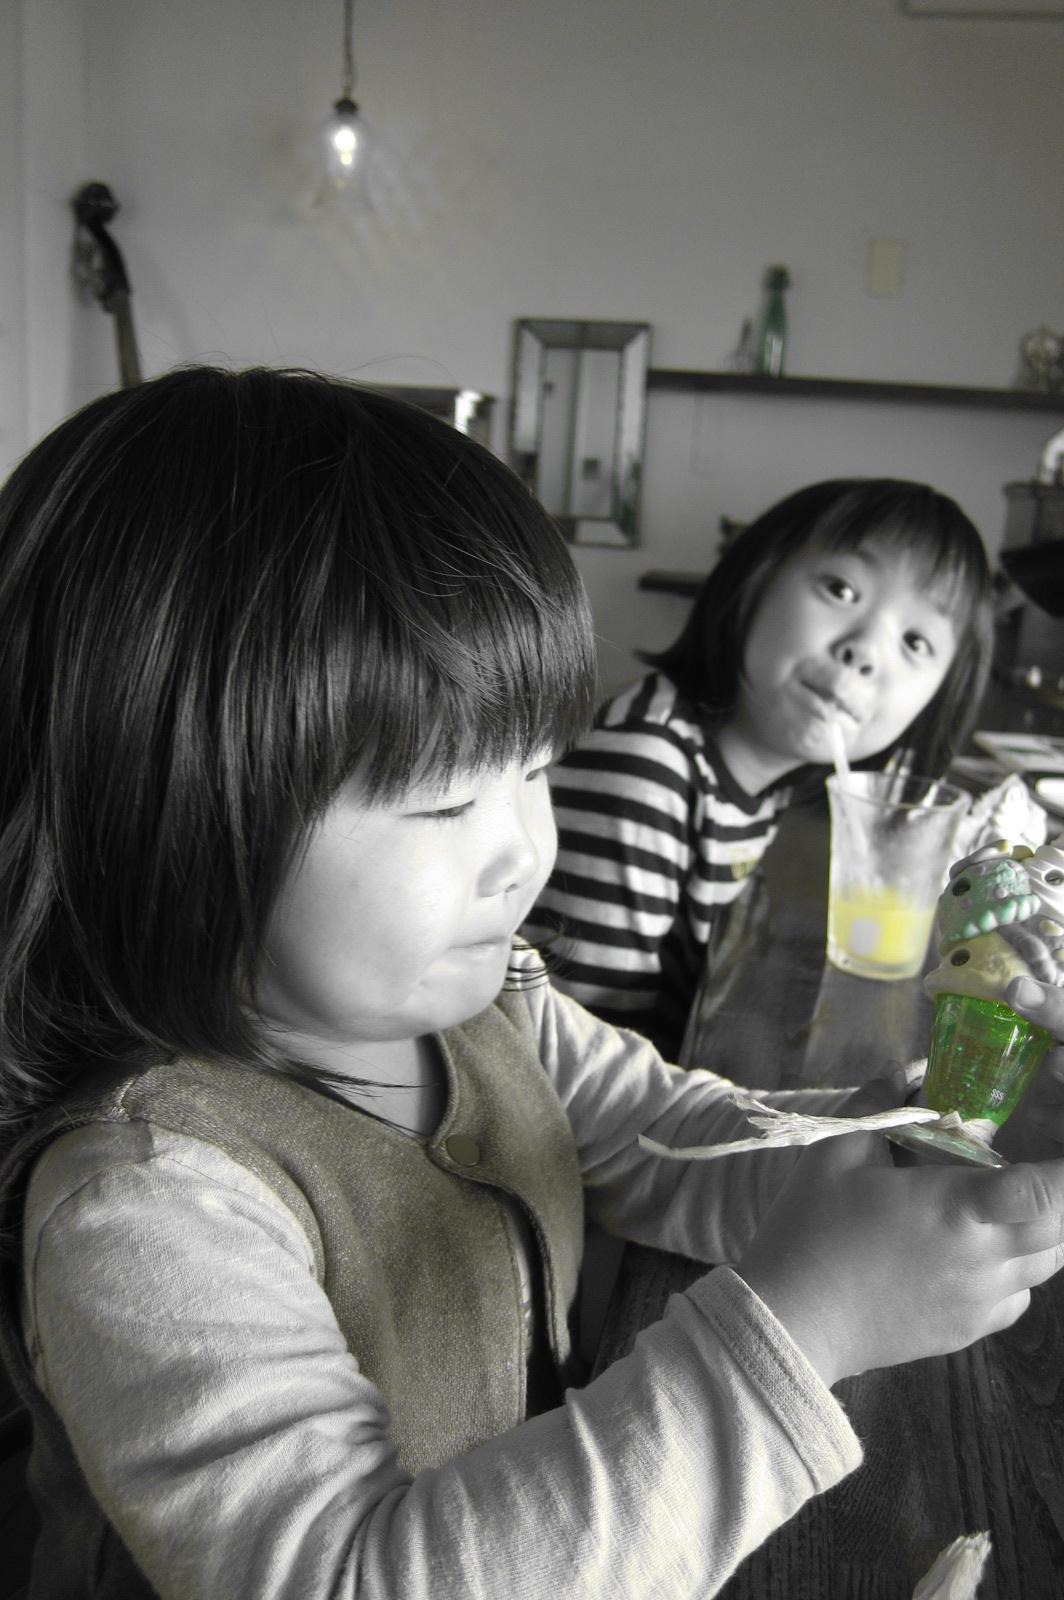 d0192034_2011247.jpg